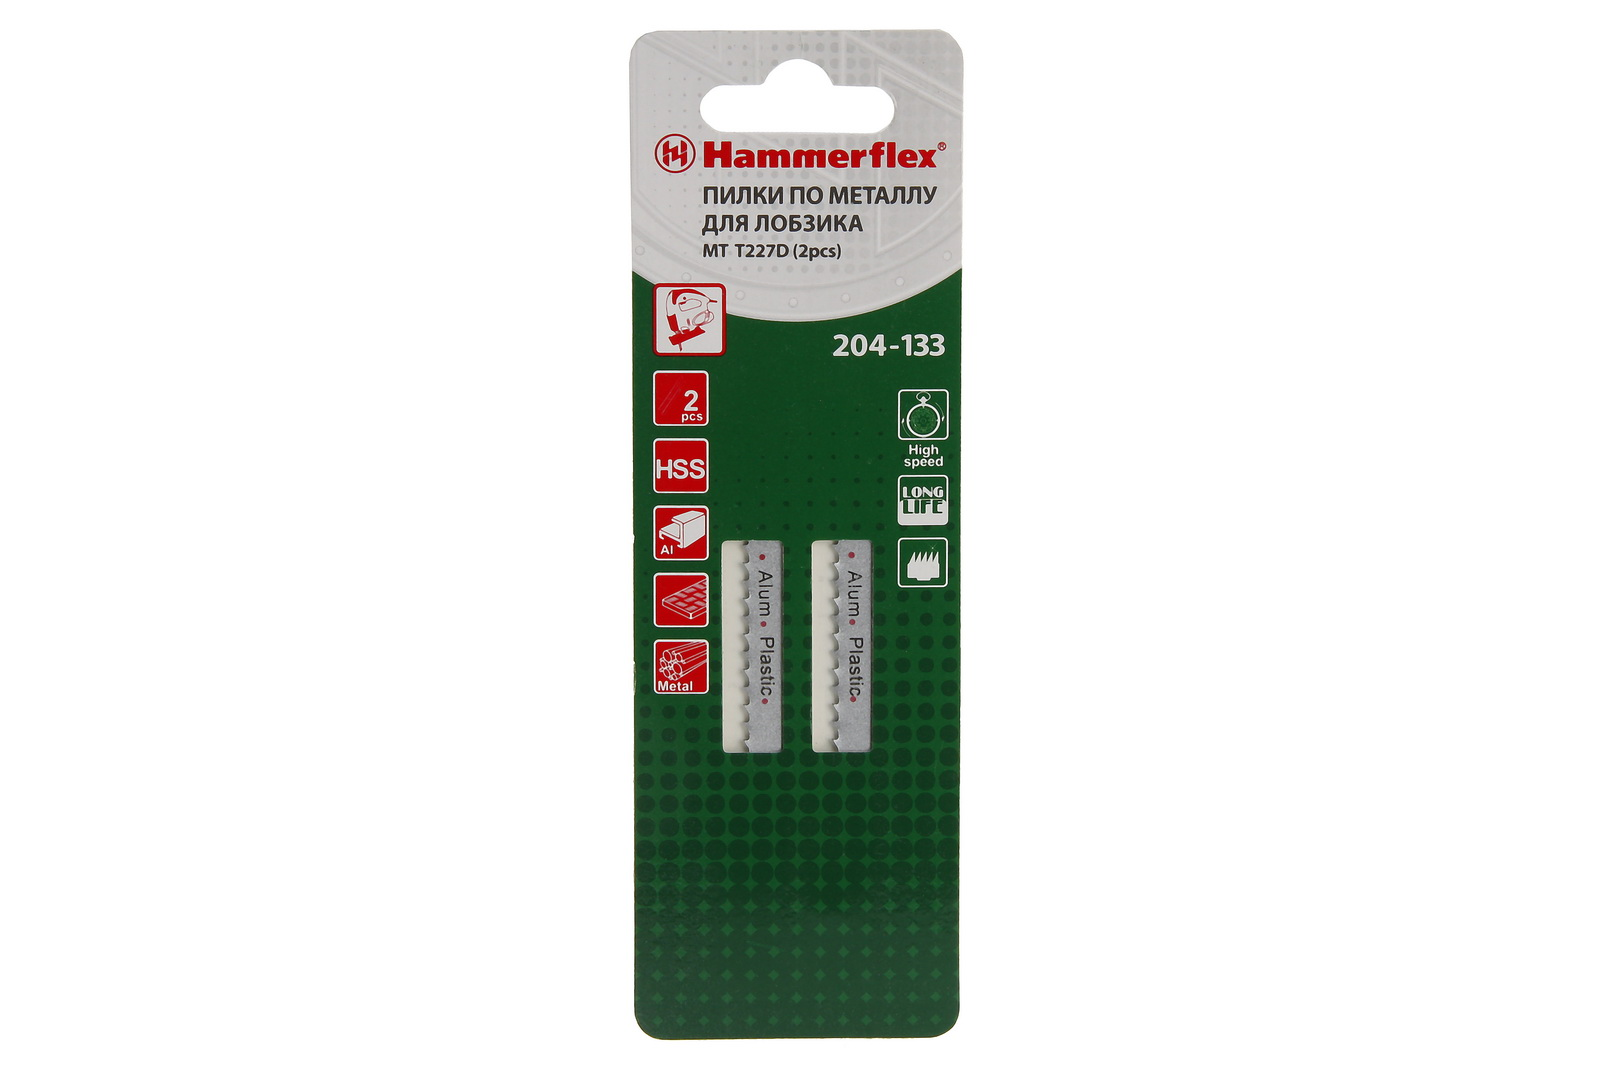 Пилки для лобзика Hammer 204-133 jg mt t227d (2 шт.) пилки для лобзика по металлу для прямых пропилов bosch t118a 1 3 мм 5 шт